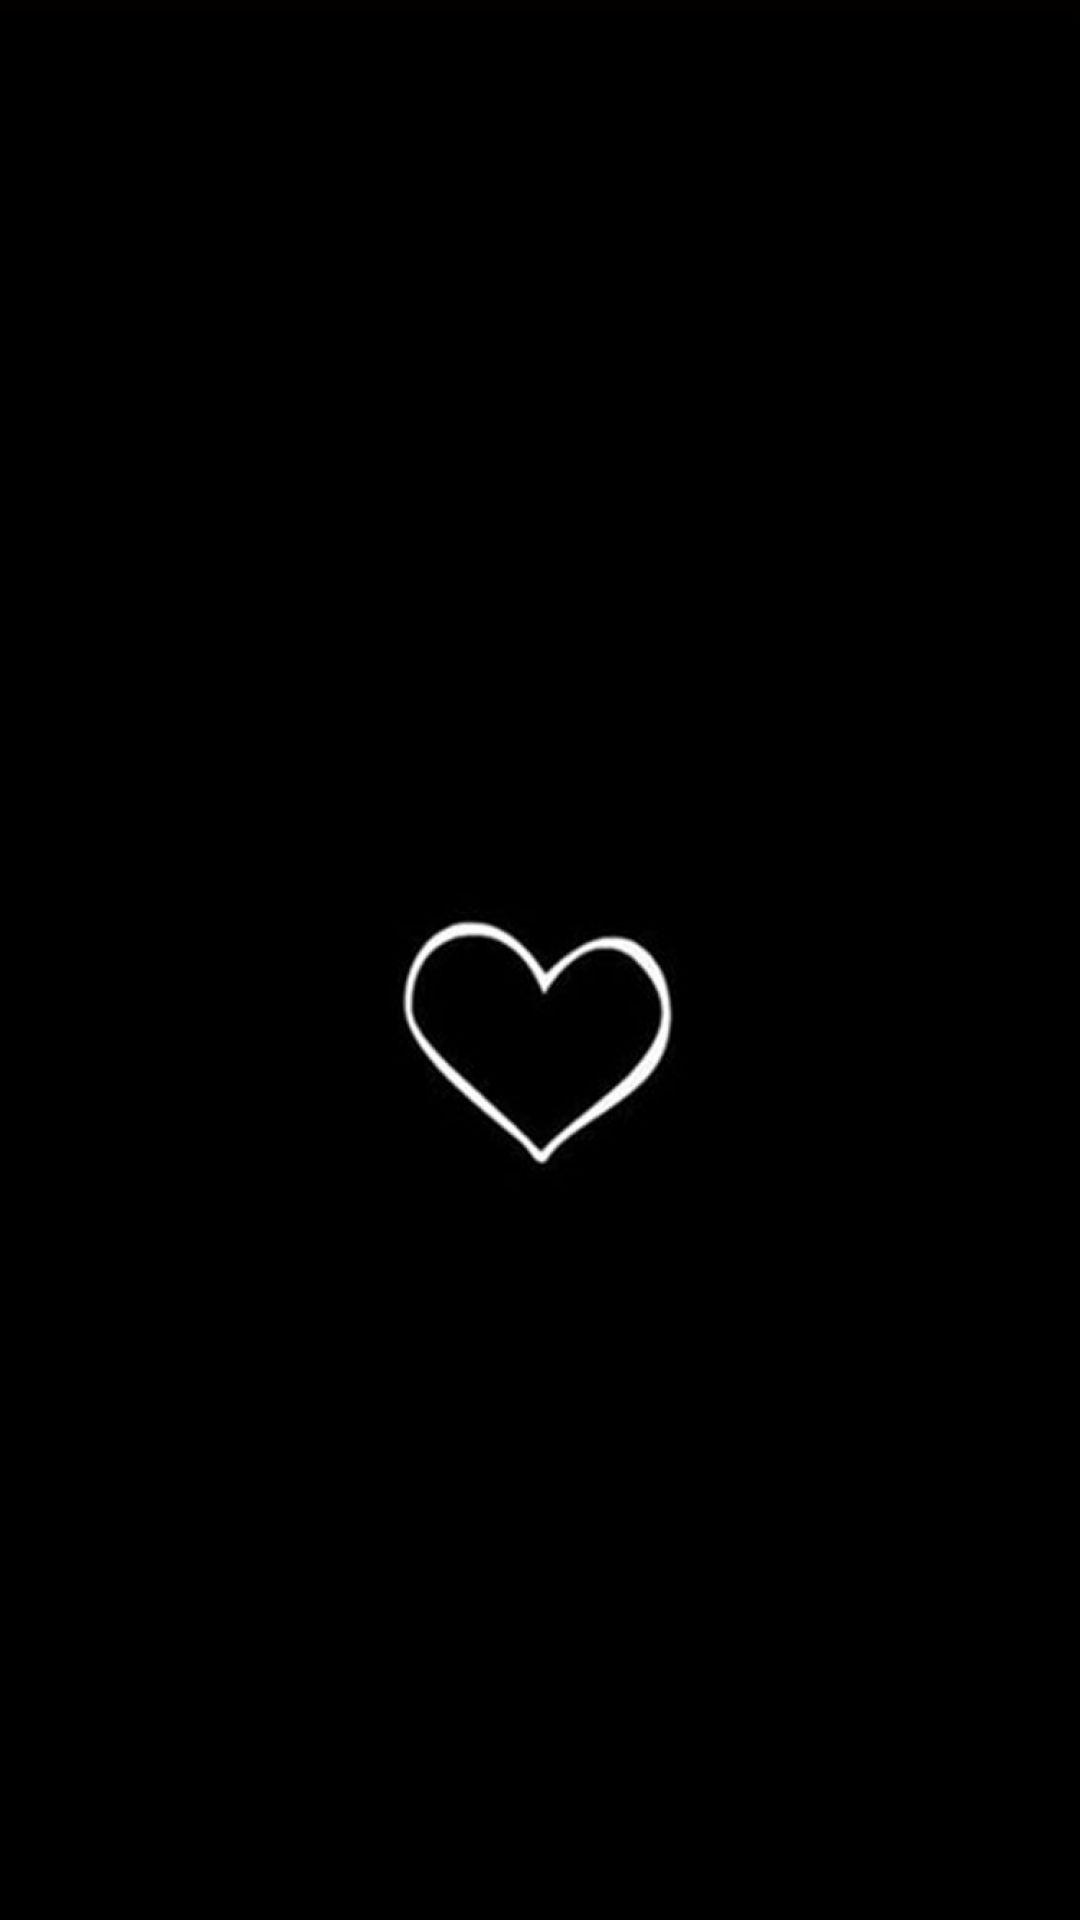 人気42位 ハート ブラック シンプルでかっこいいiphone壁紙 Iphone11 スマホ壁紙 待受画像ギャラリー ハートの壁紙 黒の壁紙 名刺 デザイン